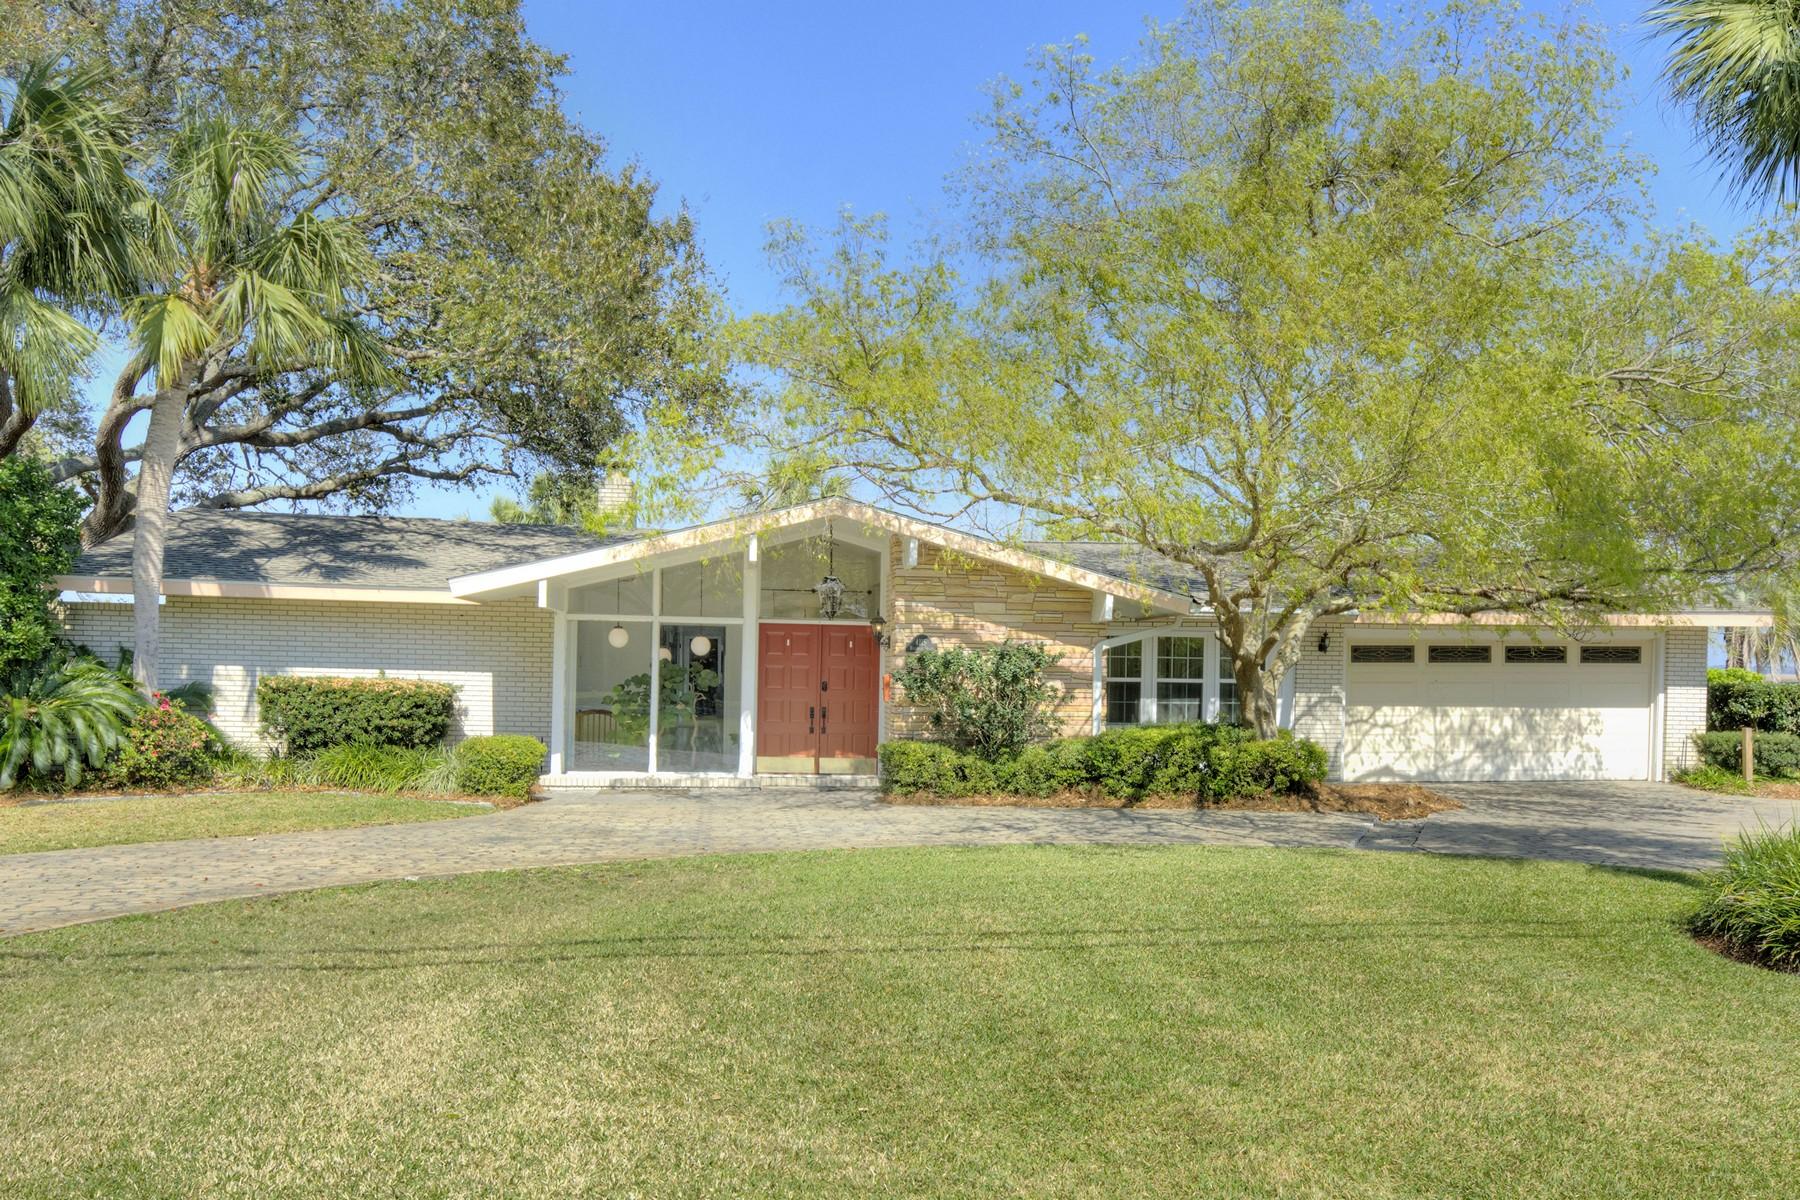 Частный односемейный дом для того Продажа на 4115 Riverside Drive Brunswick, Джорджия 31520 Соединенные Штаты